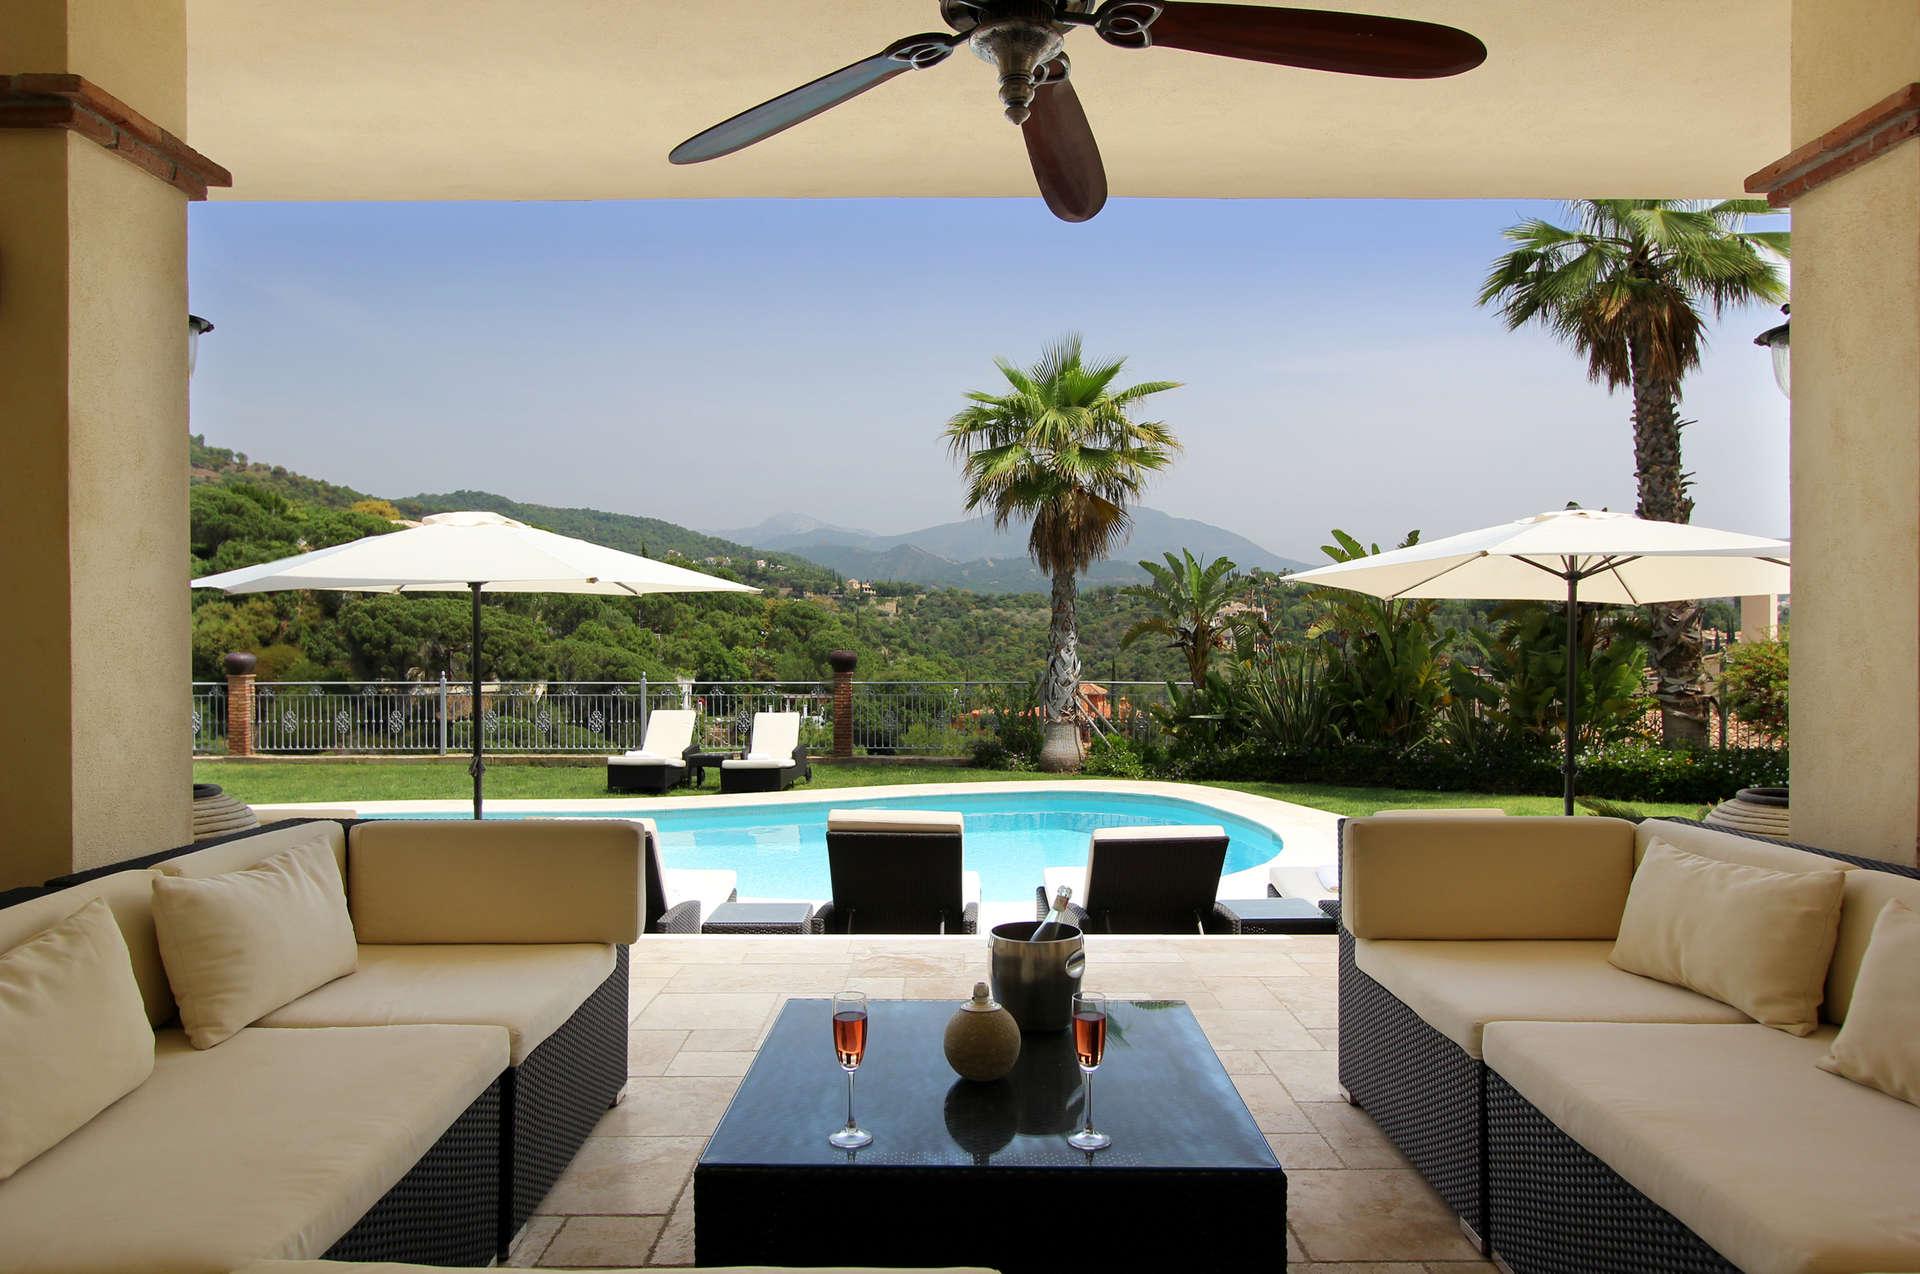 Luxury vacation rentals europe - Spain - Marbella - No location 4 - Gran Villa San Pietro - Image 1/21